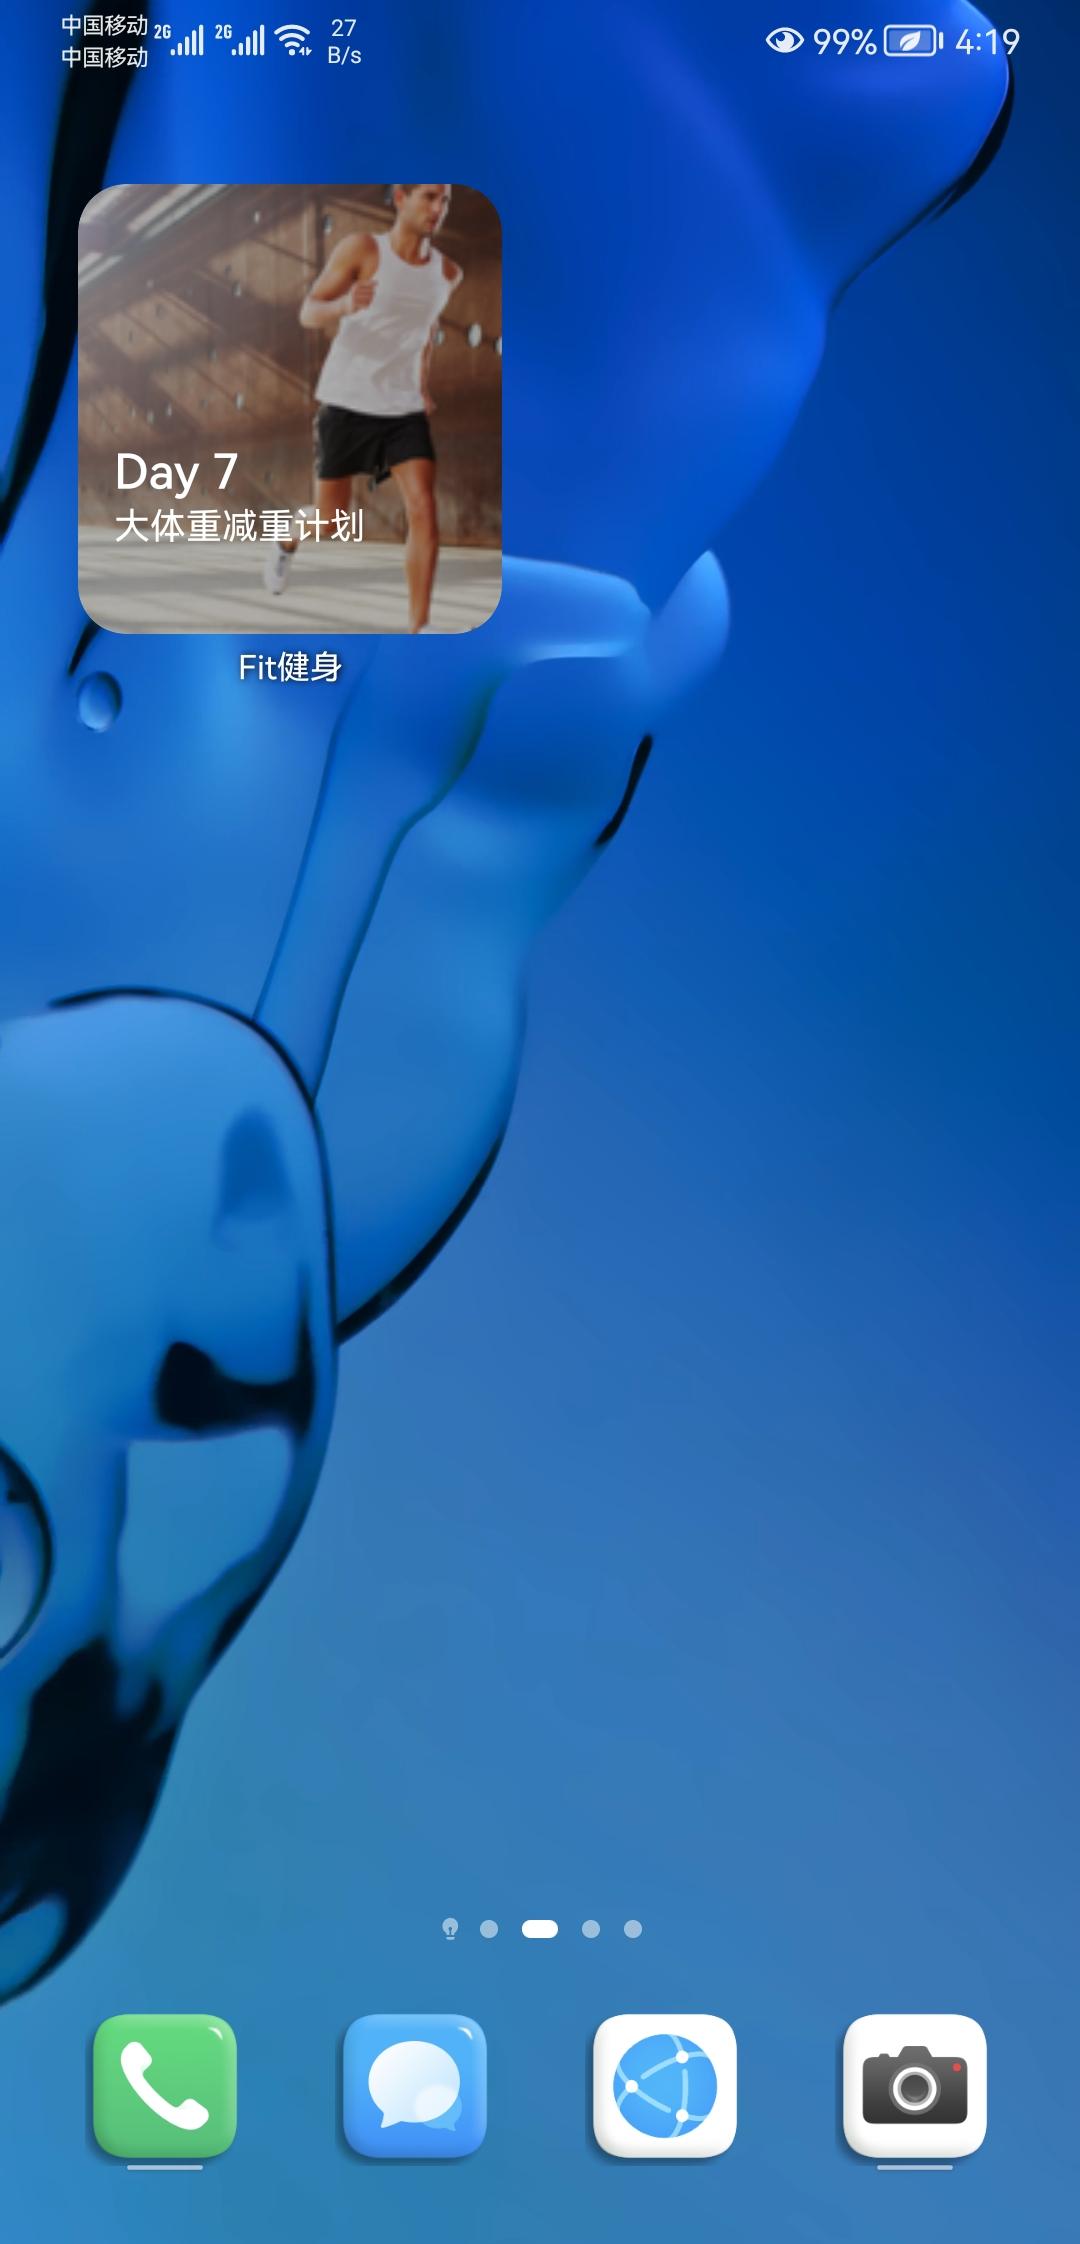 Screenshot_20210722_161937_com.huawei.android.launcher.jpg